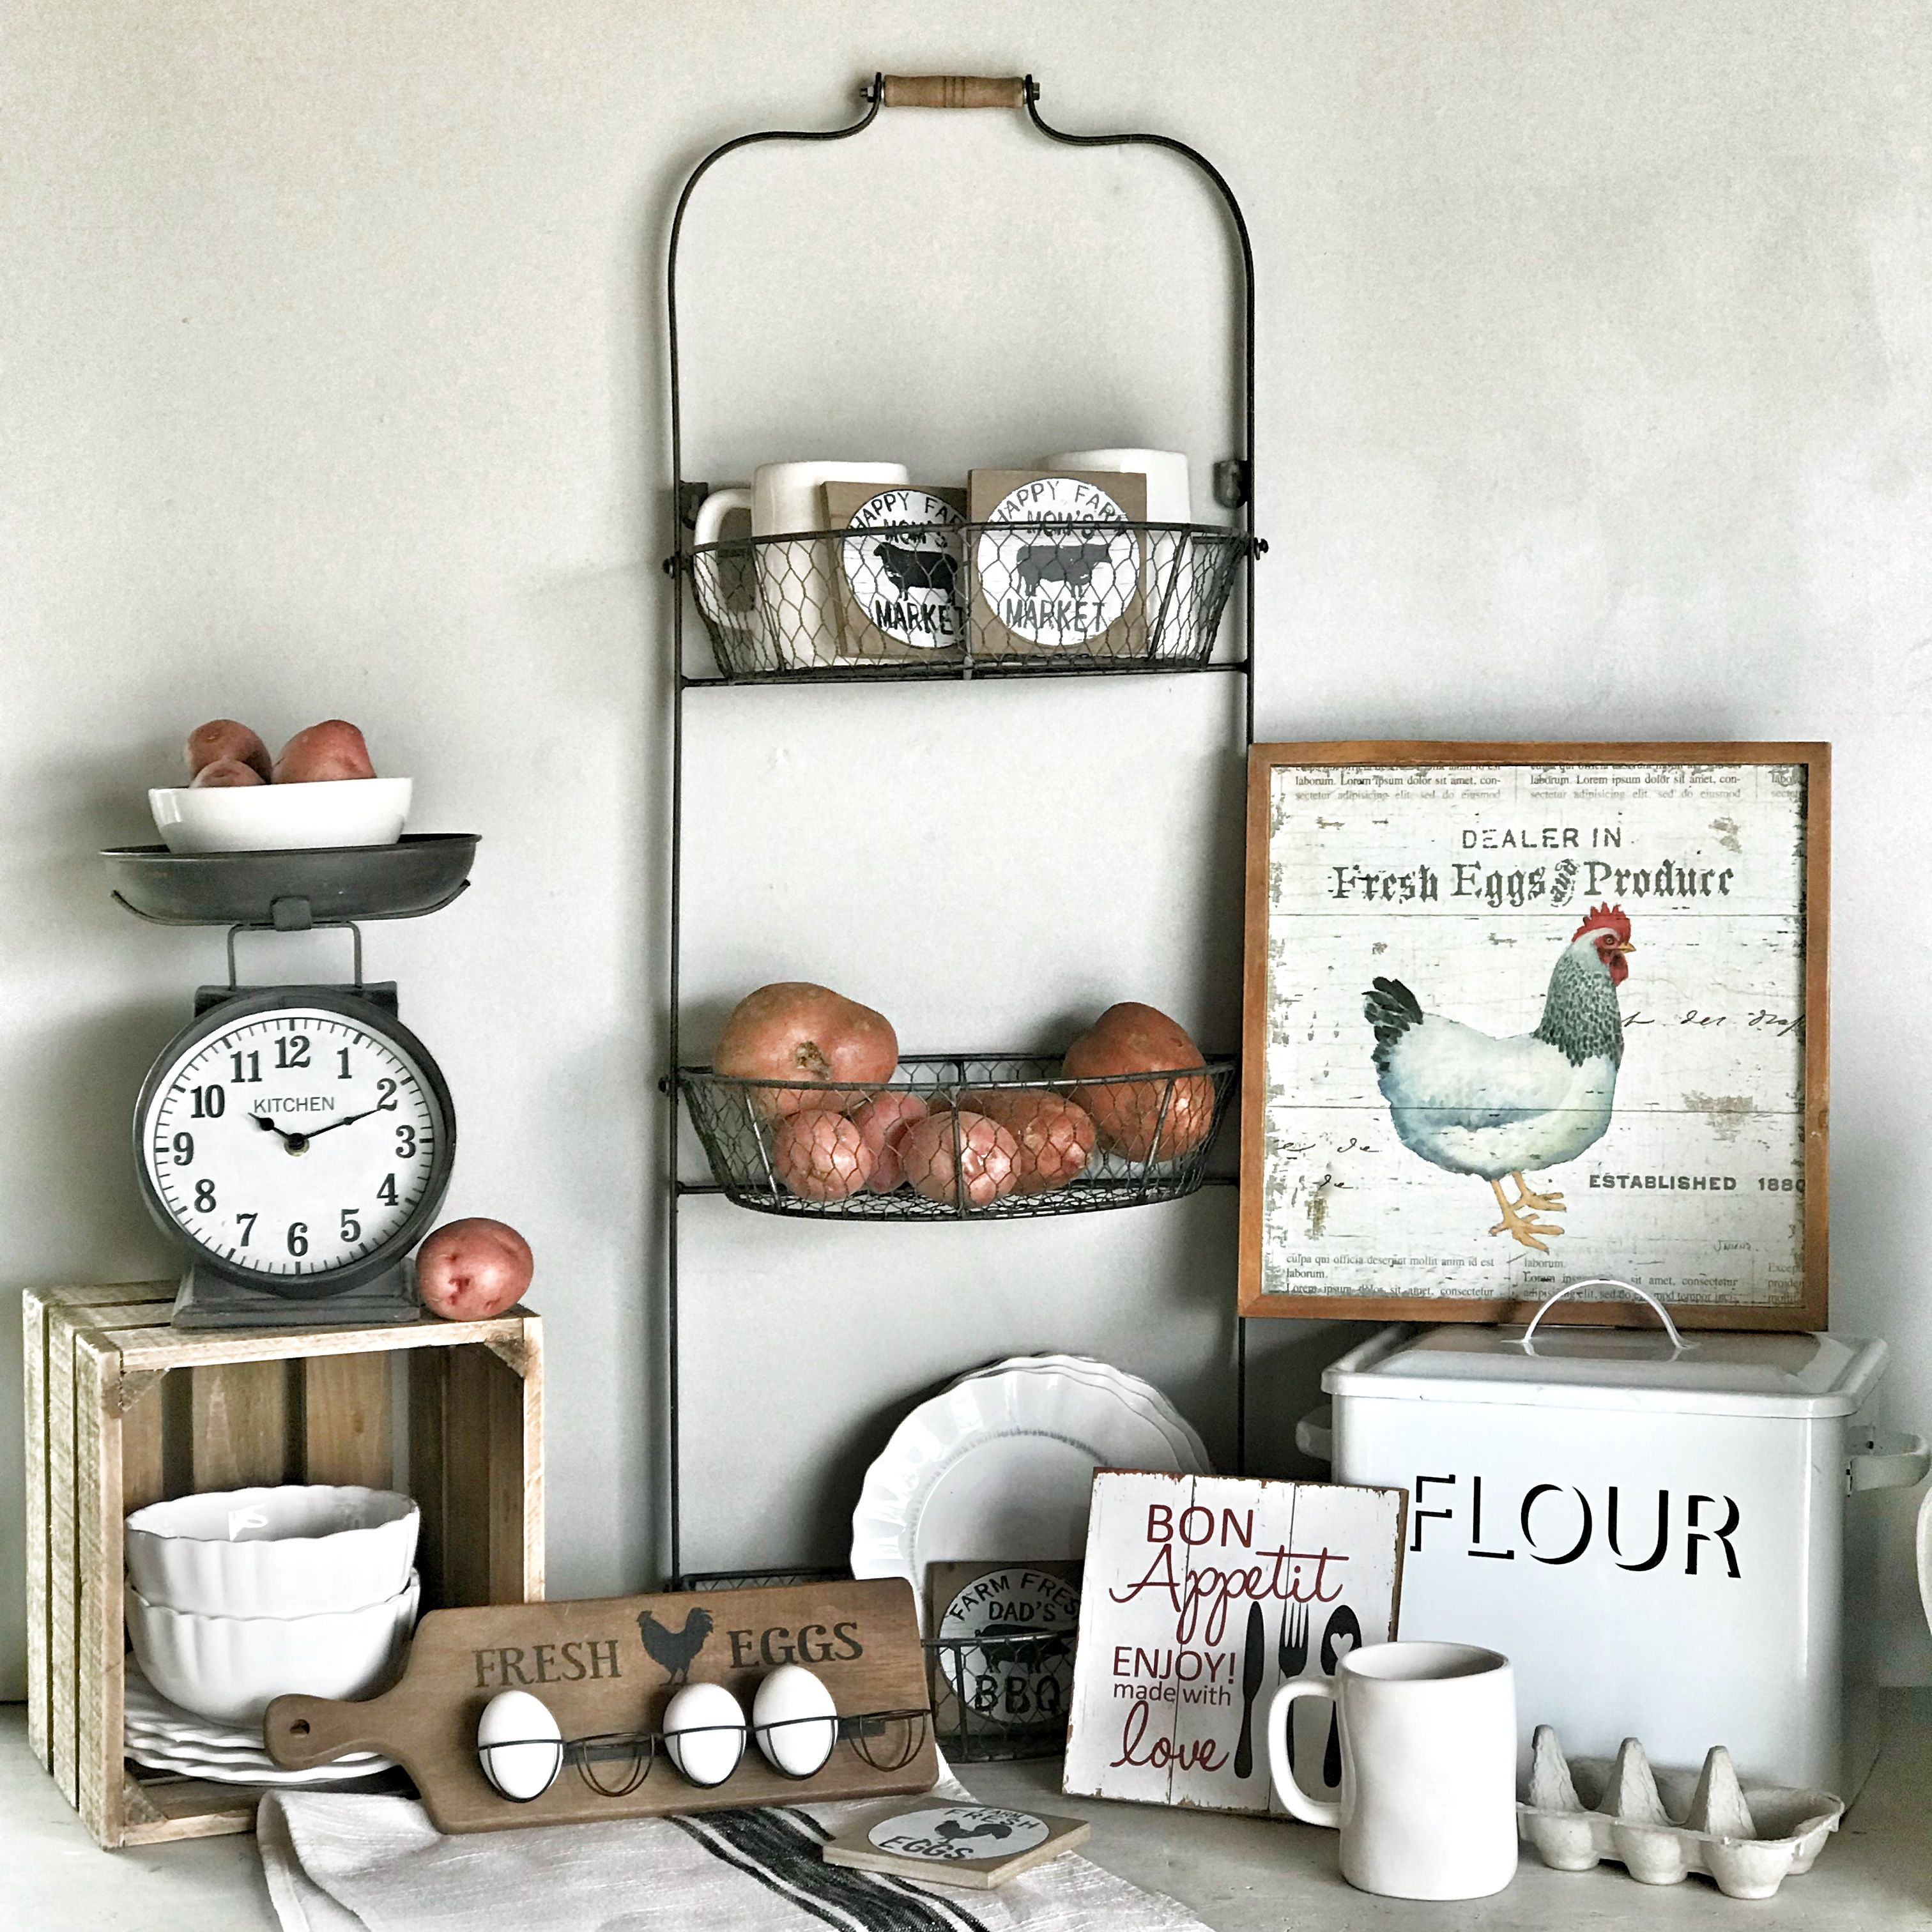 Farmhouse kitchen decor. Flour and bread box. Click here